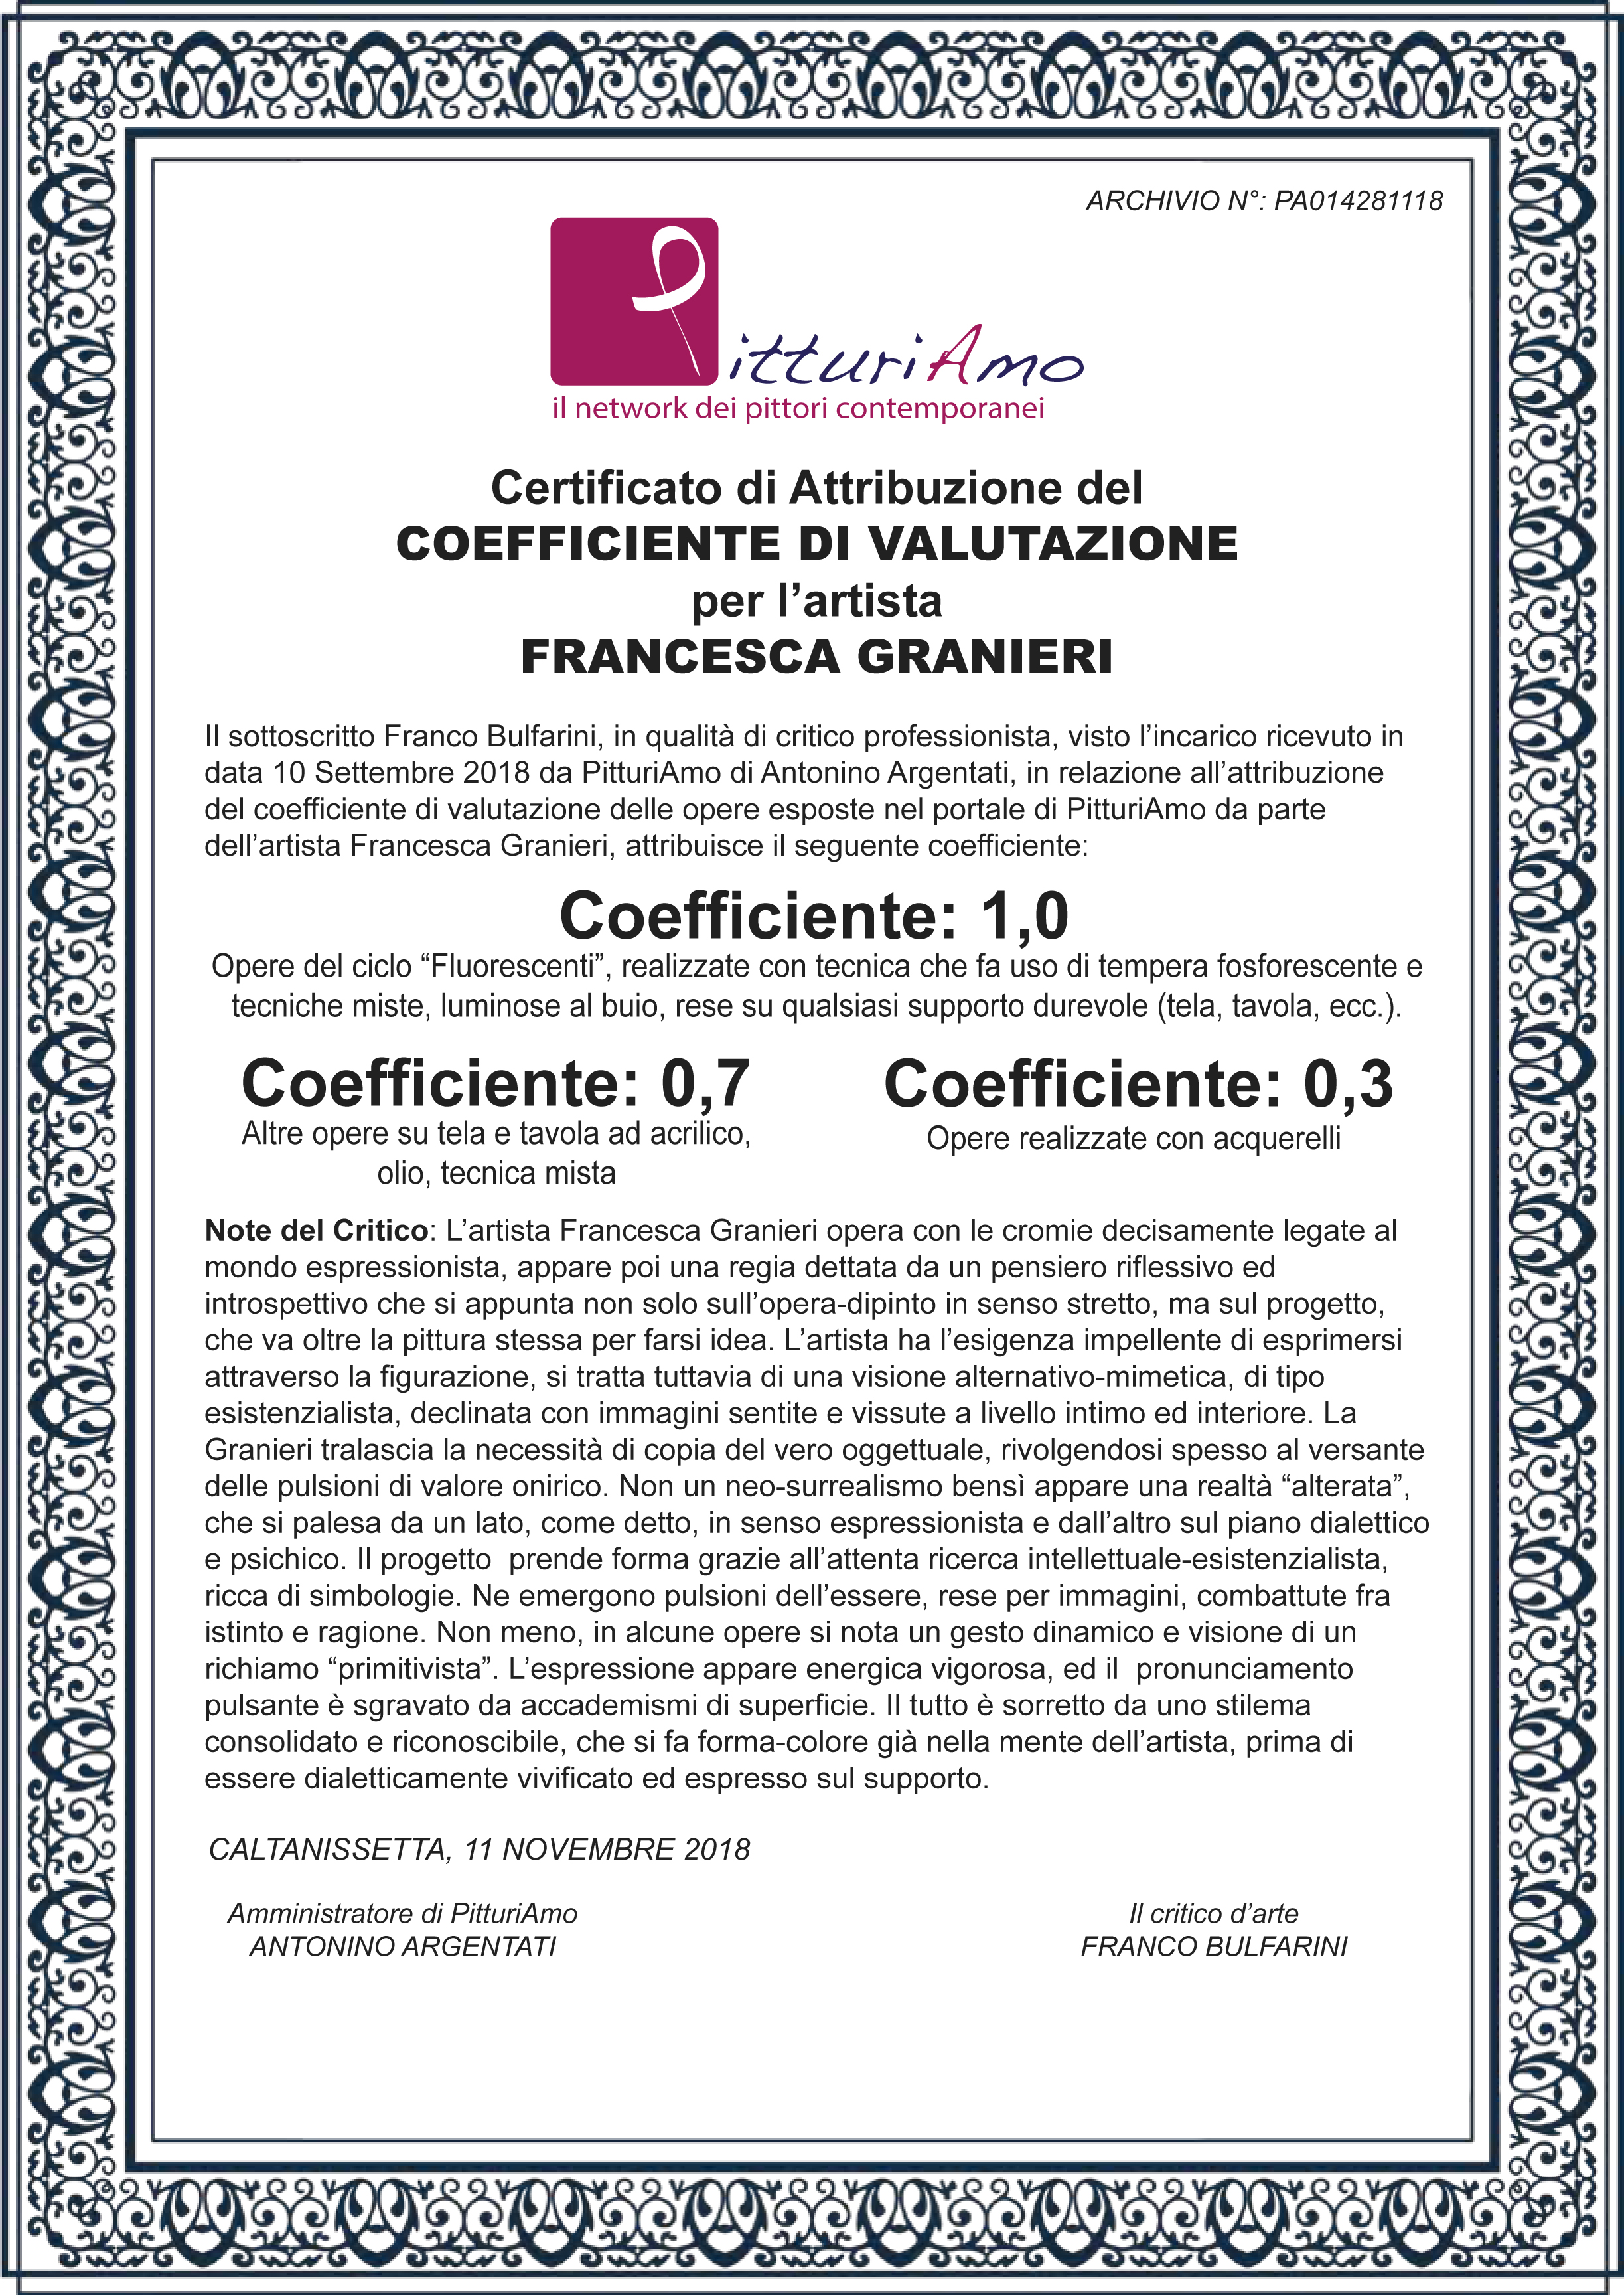 Coefficiente di valutazione dell'artista Francesca Granieri